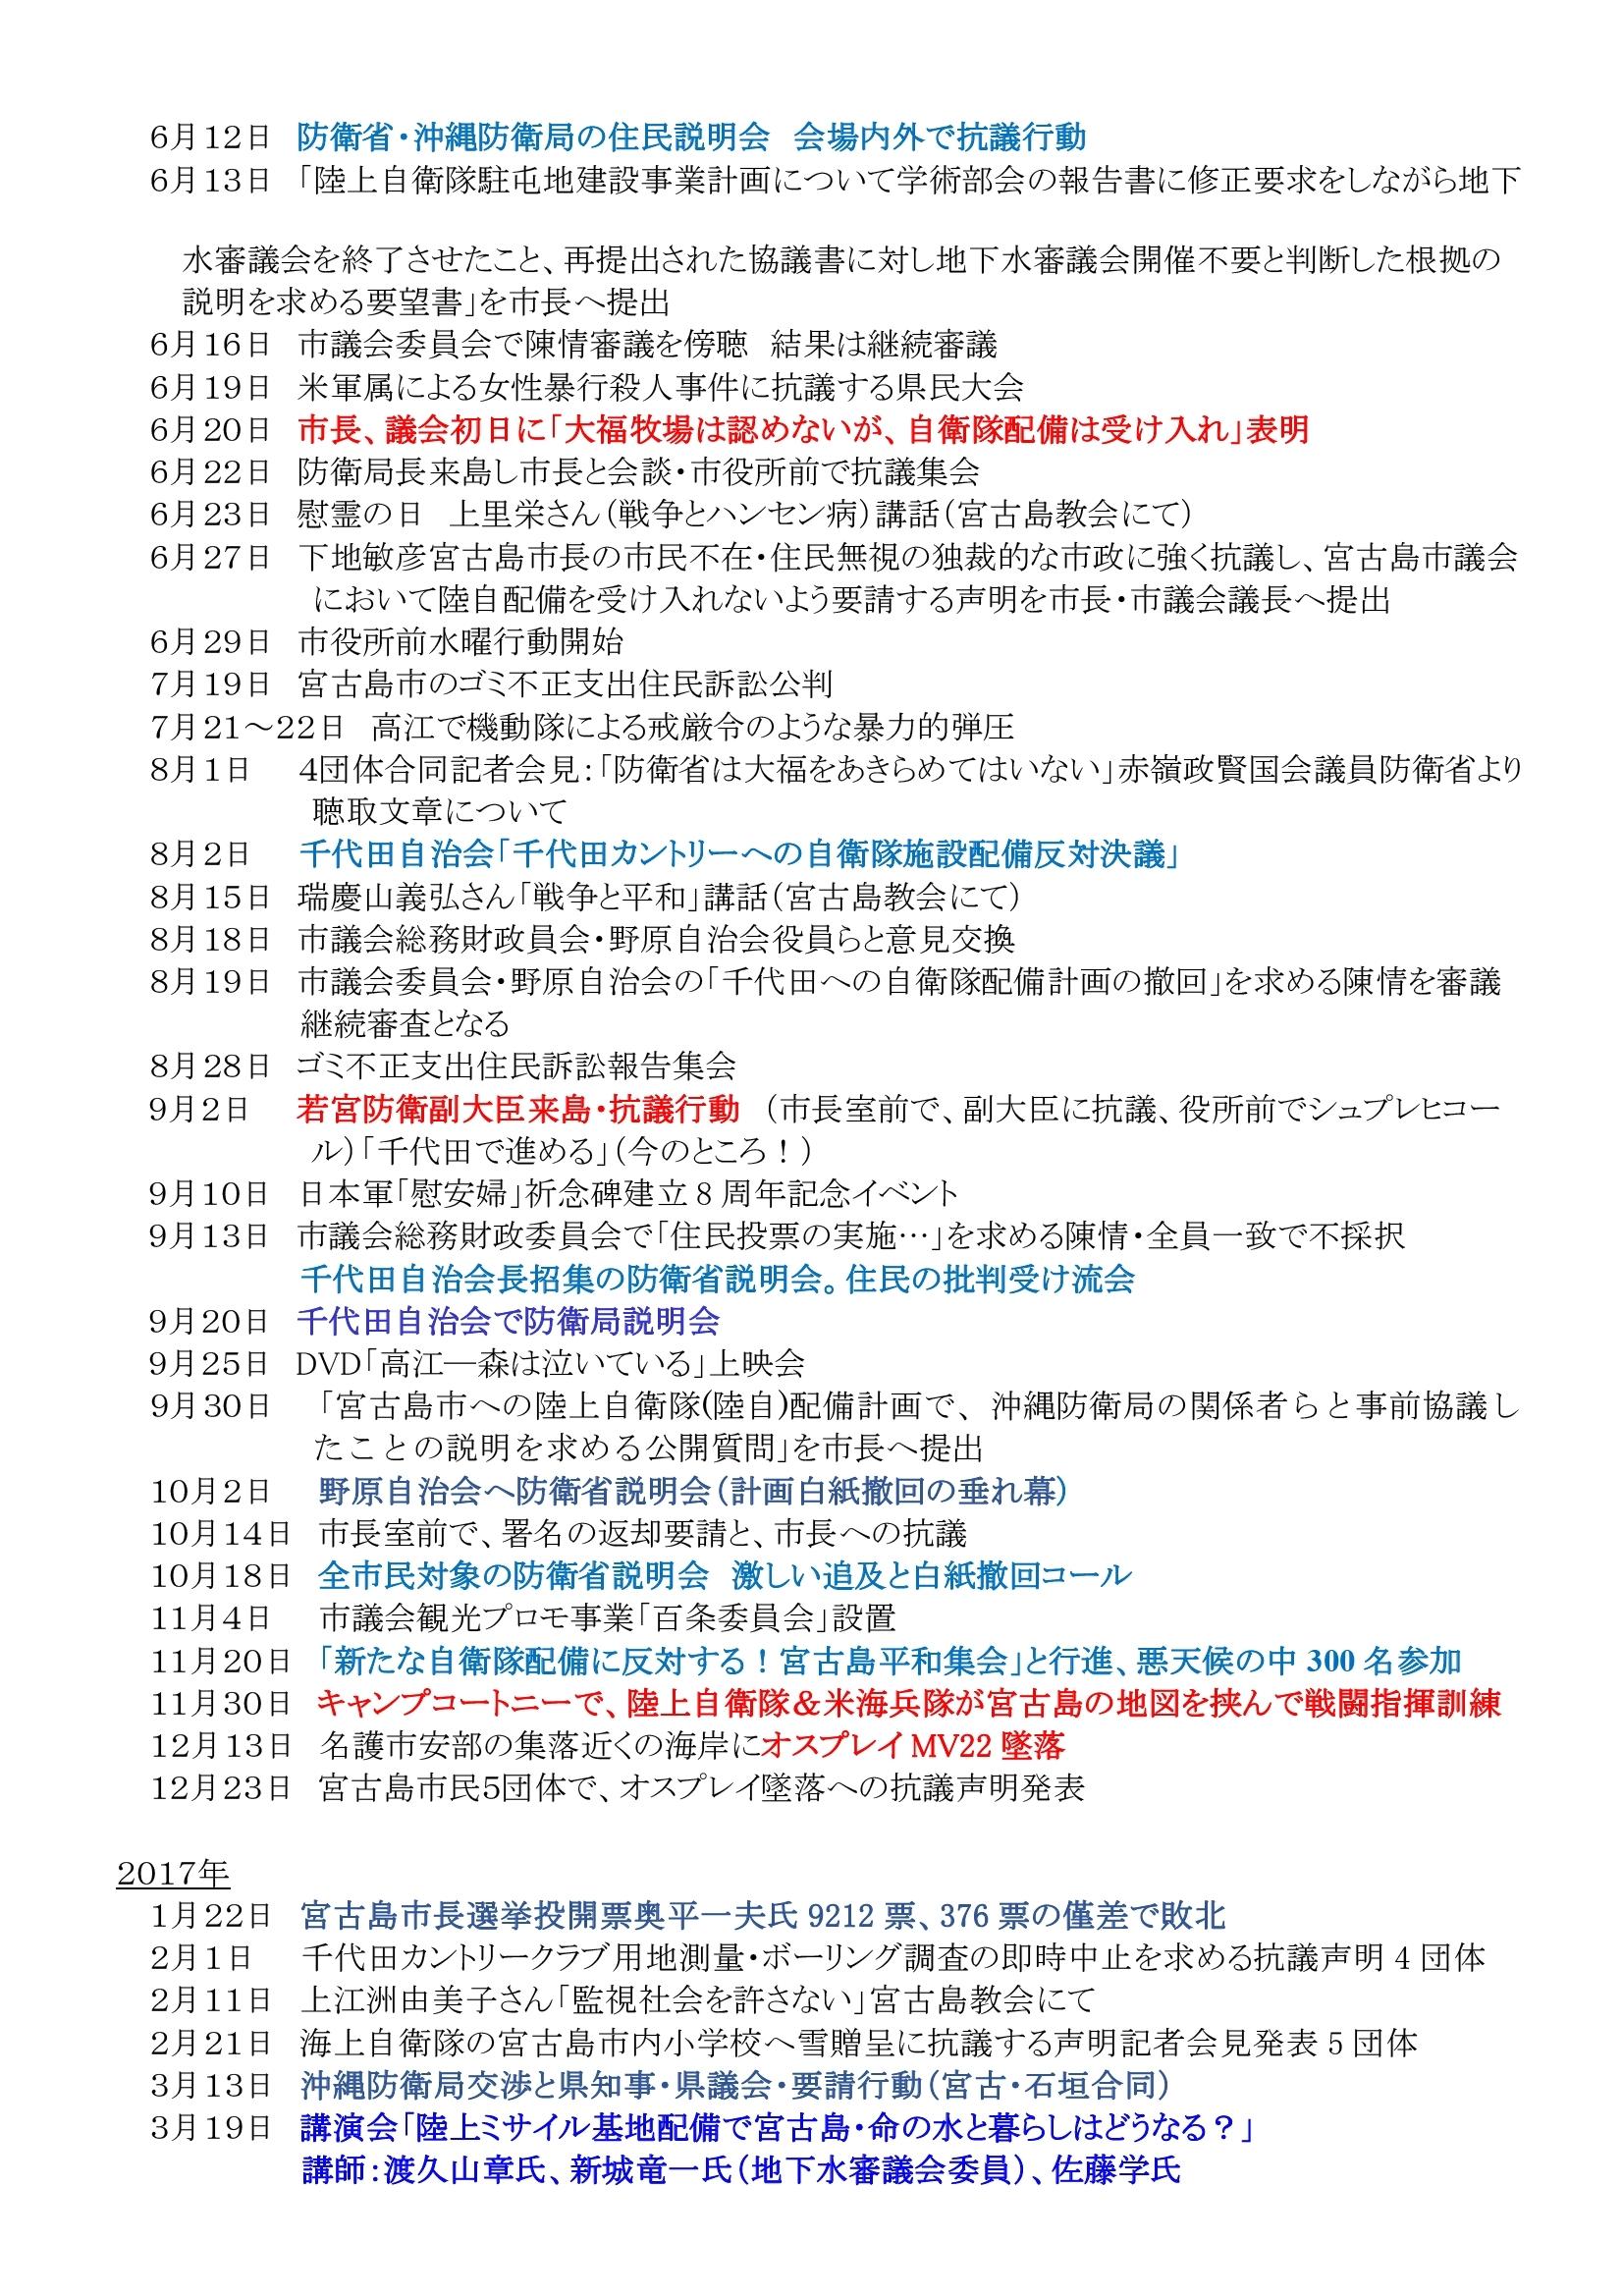 年表:宮古島における反軍反基地の闘い2010~2020 07